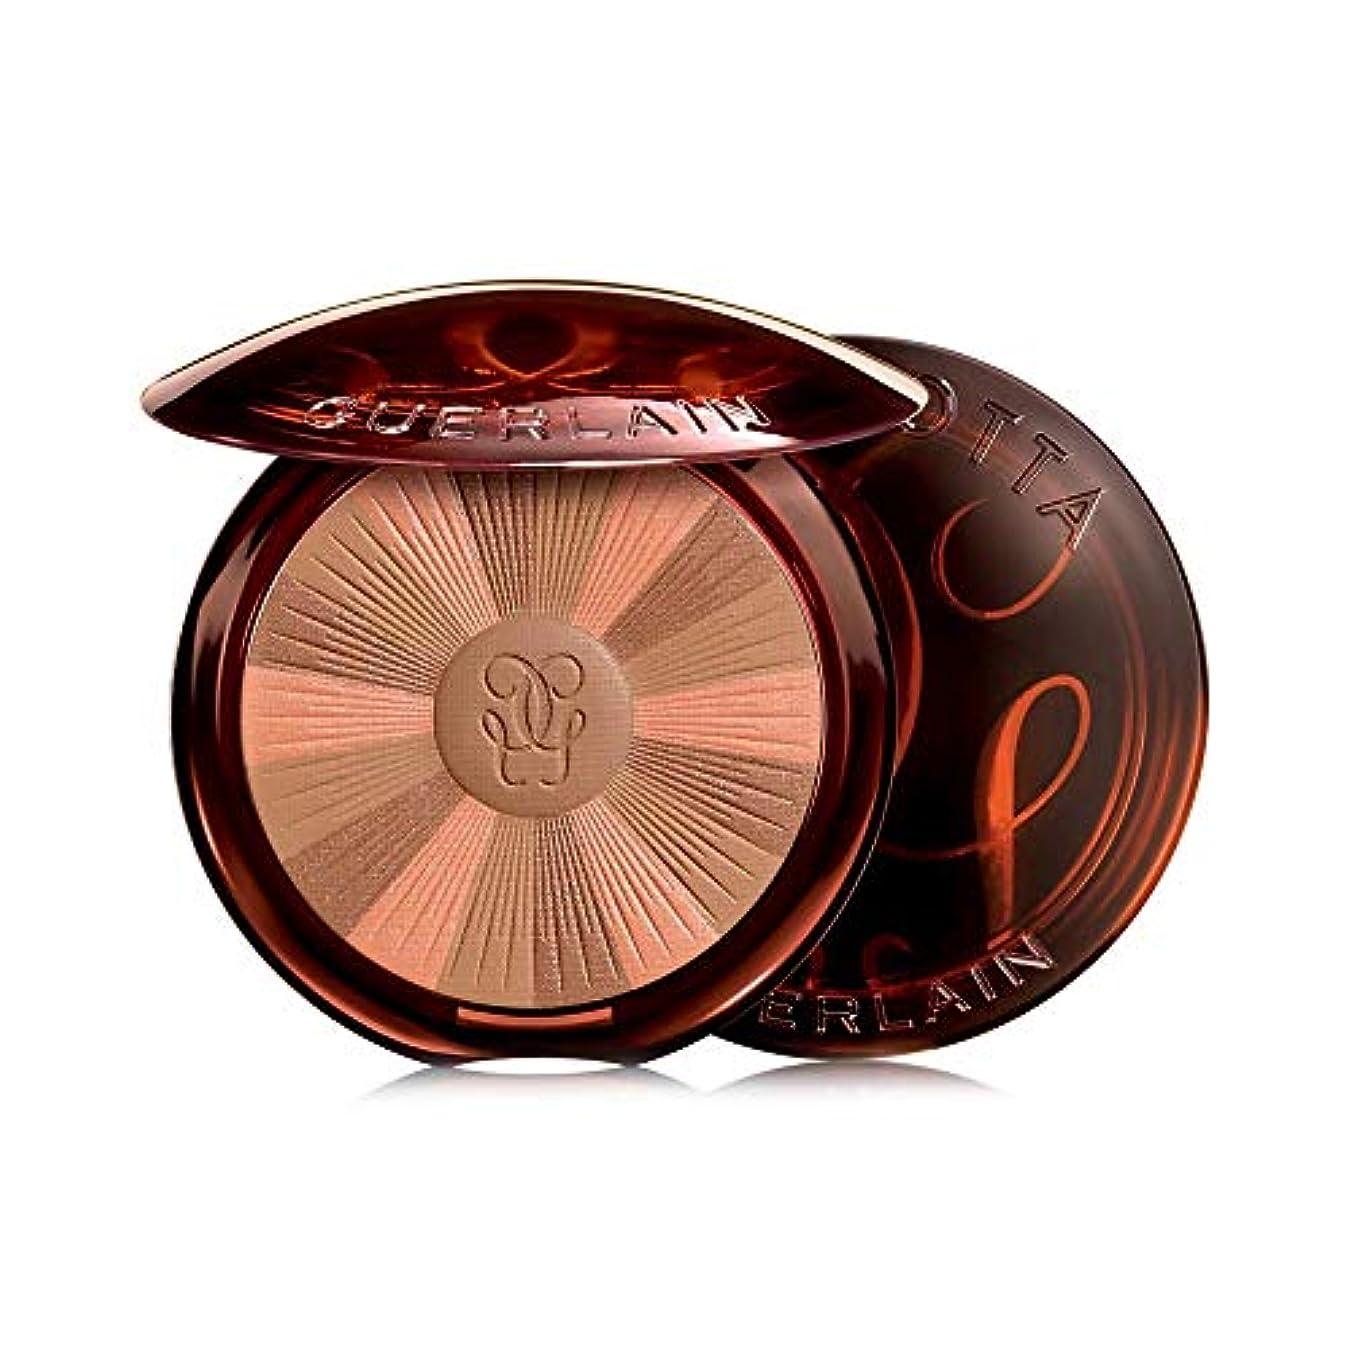 忙しい貪欲ショッキングゲラン Terracotta Light The Sun Kissed Healthy Glow Powder - # 04 Deep Golden 10g/0.3oz並行輸入品